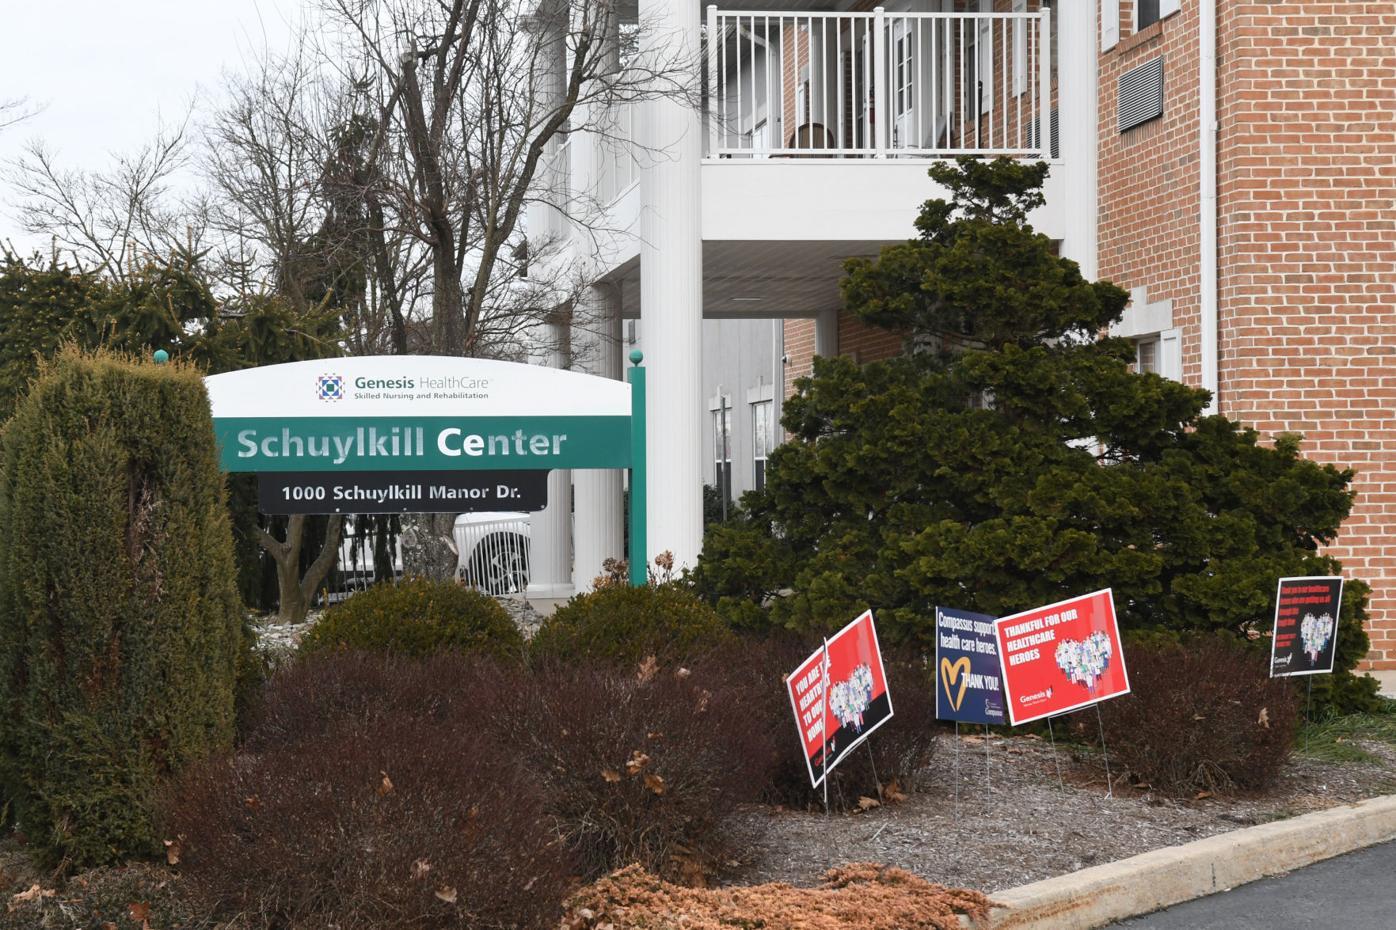 Schuylkill Center